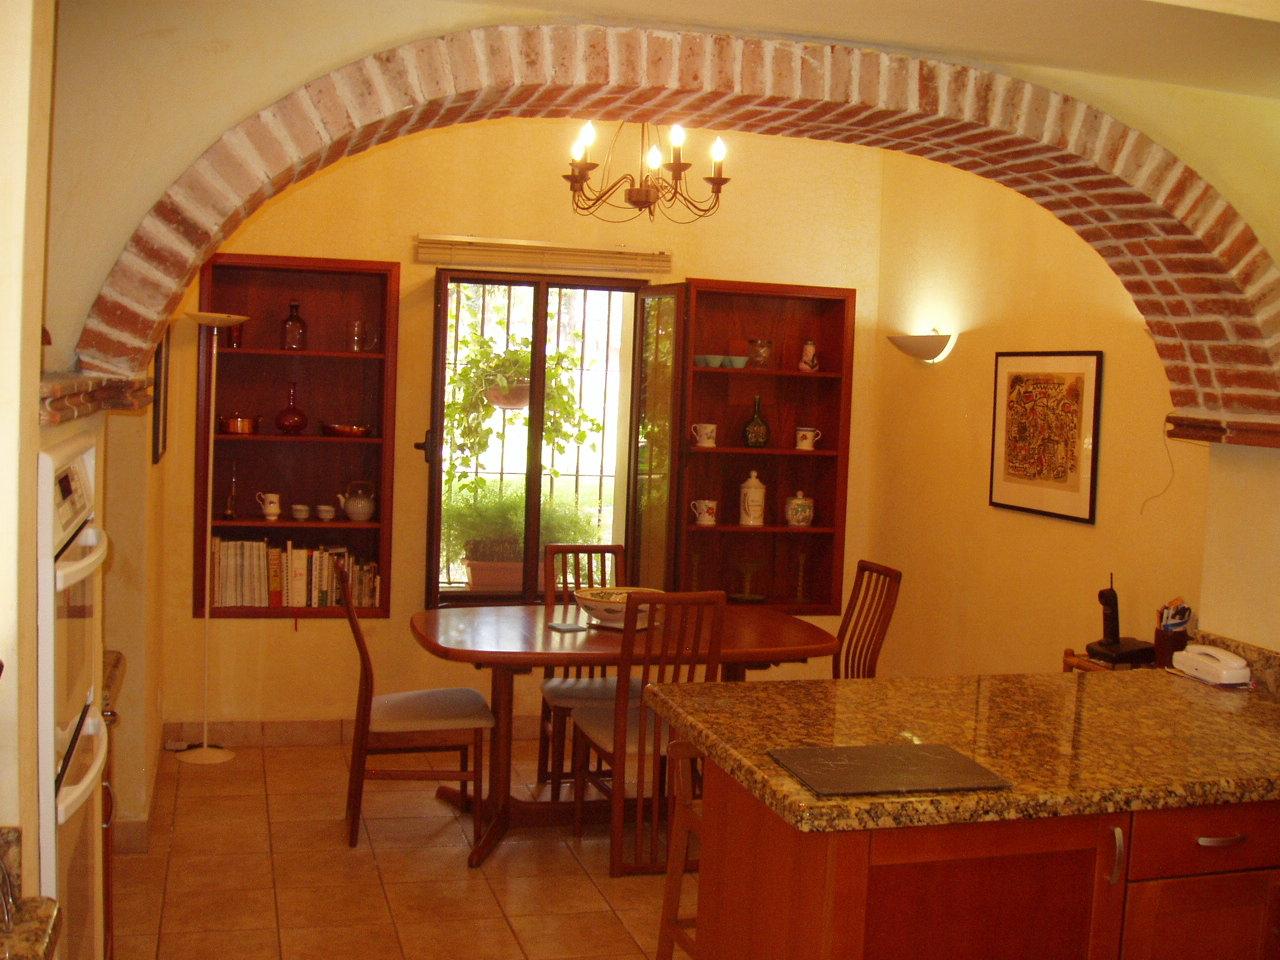 Casa nostra real estate casas coloniales en la antigua for Salas coloniales